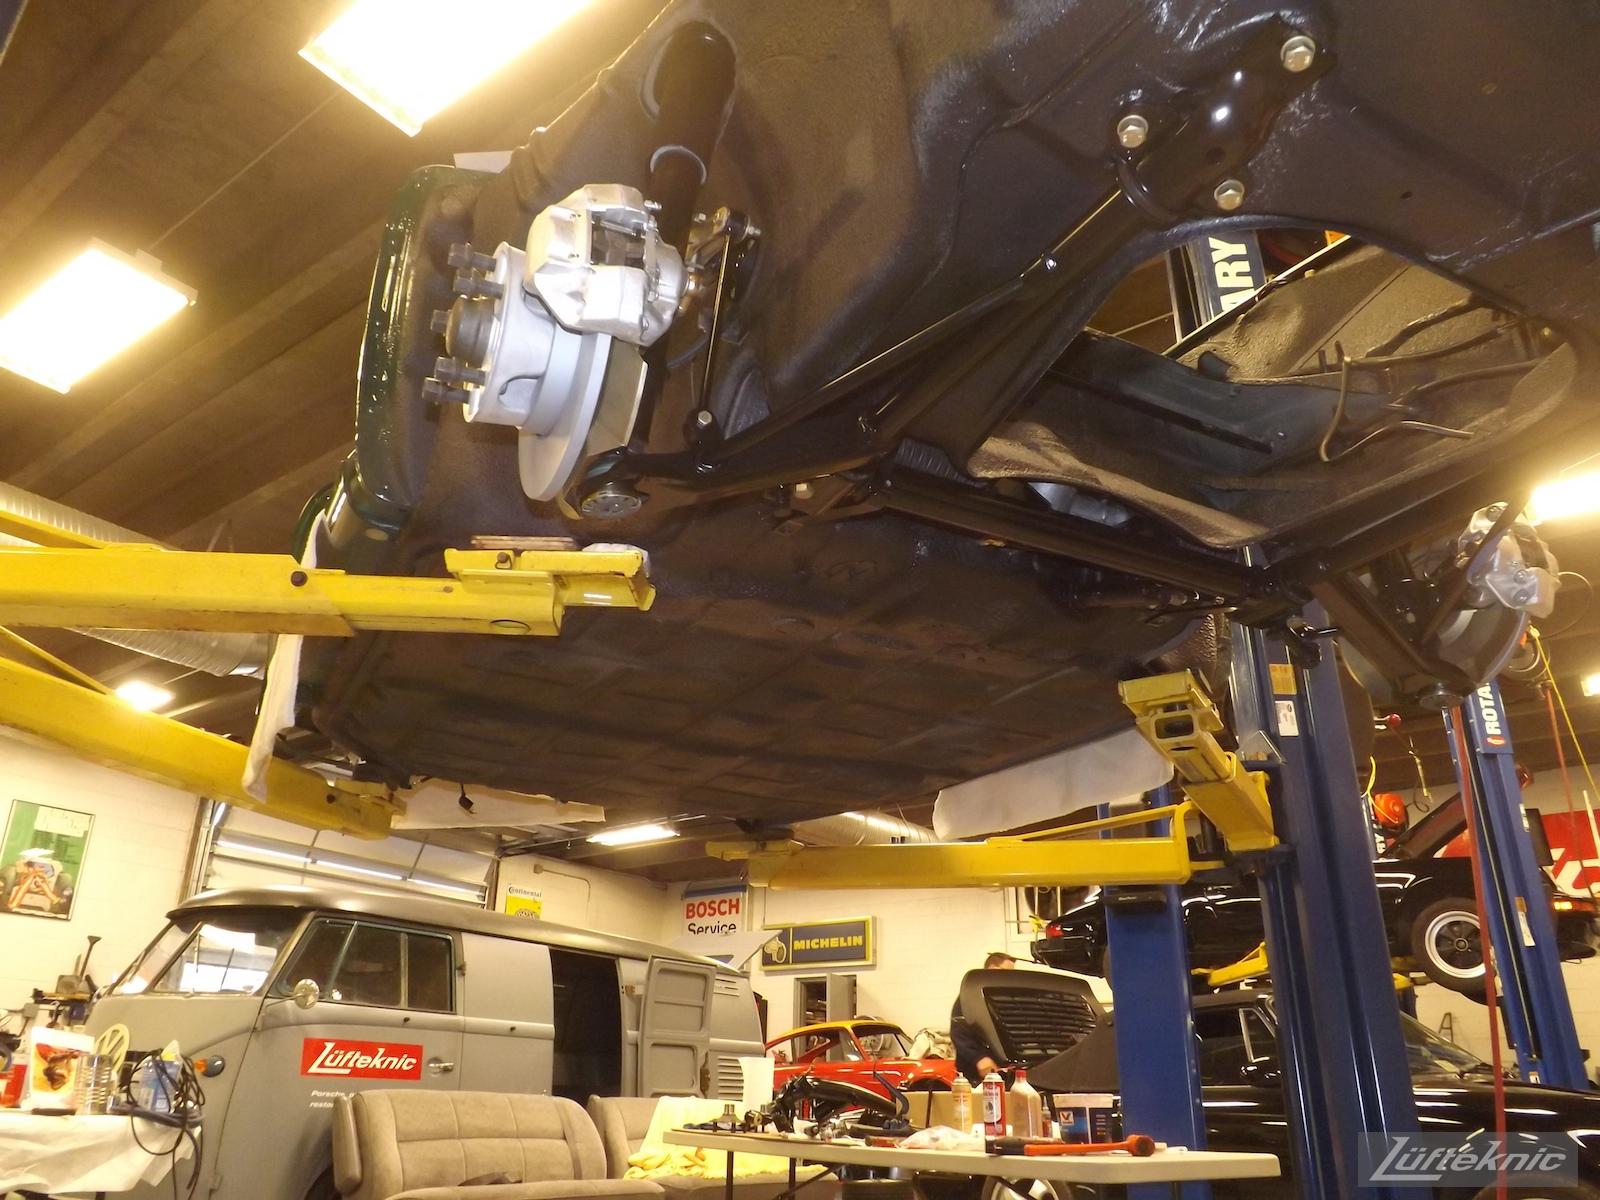 Fresh suspension and brakes on an Irish Green Porsche 912 undergoing restoration at Lufteknic.